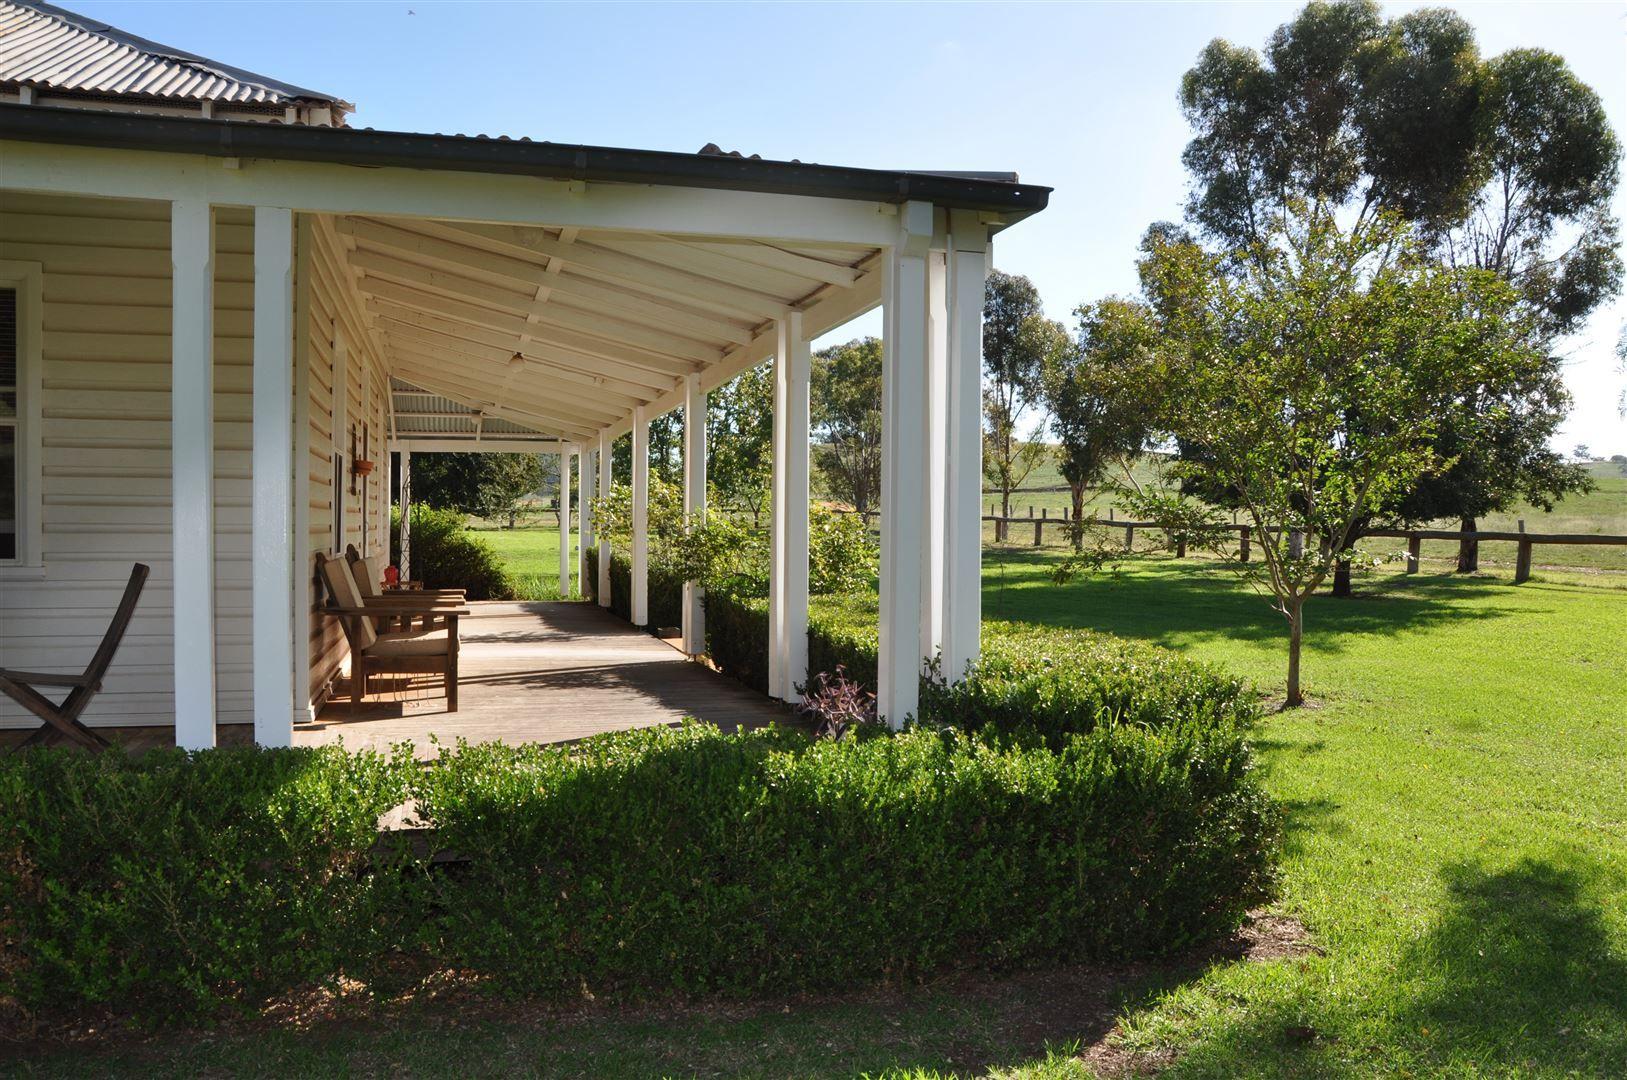 . 'Balmoral', Balmoral Rd, Mullaley NSW 2379, Image 1